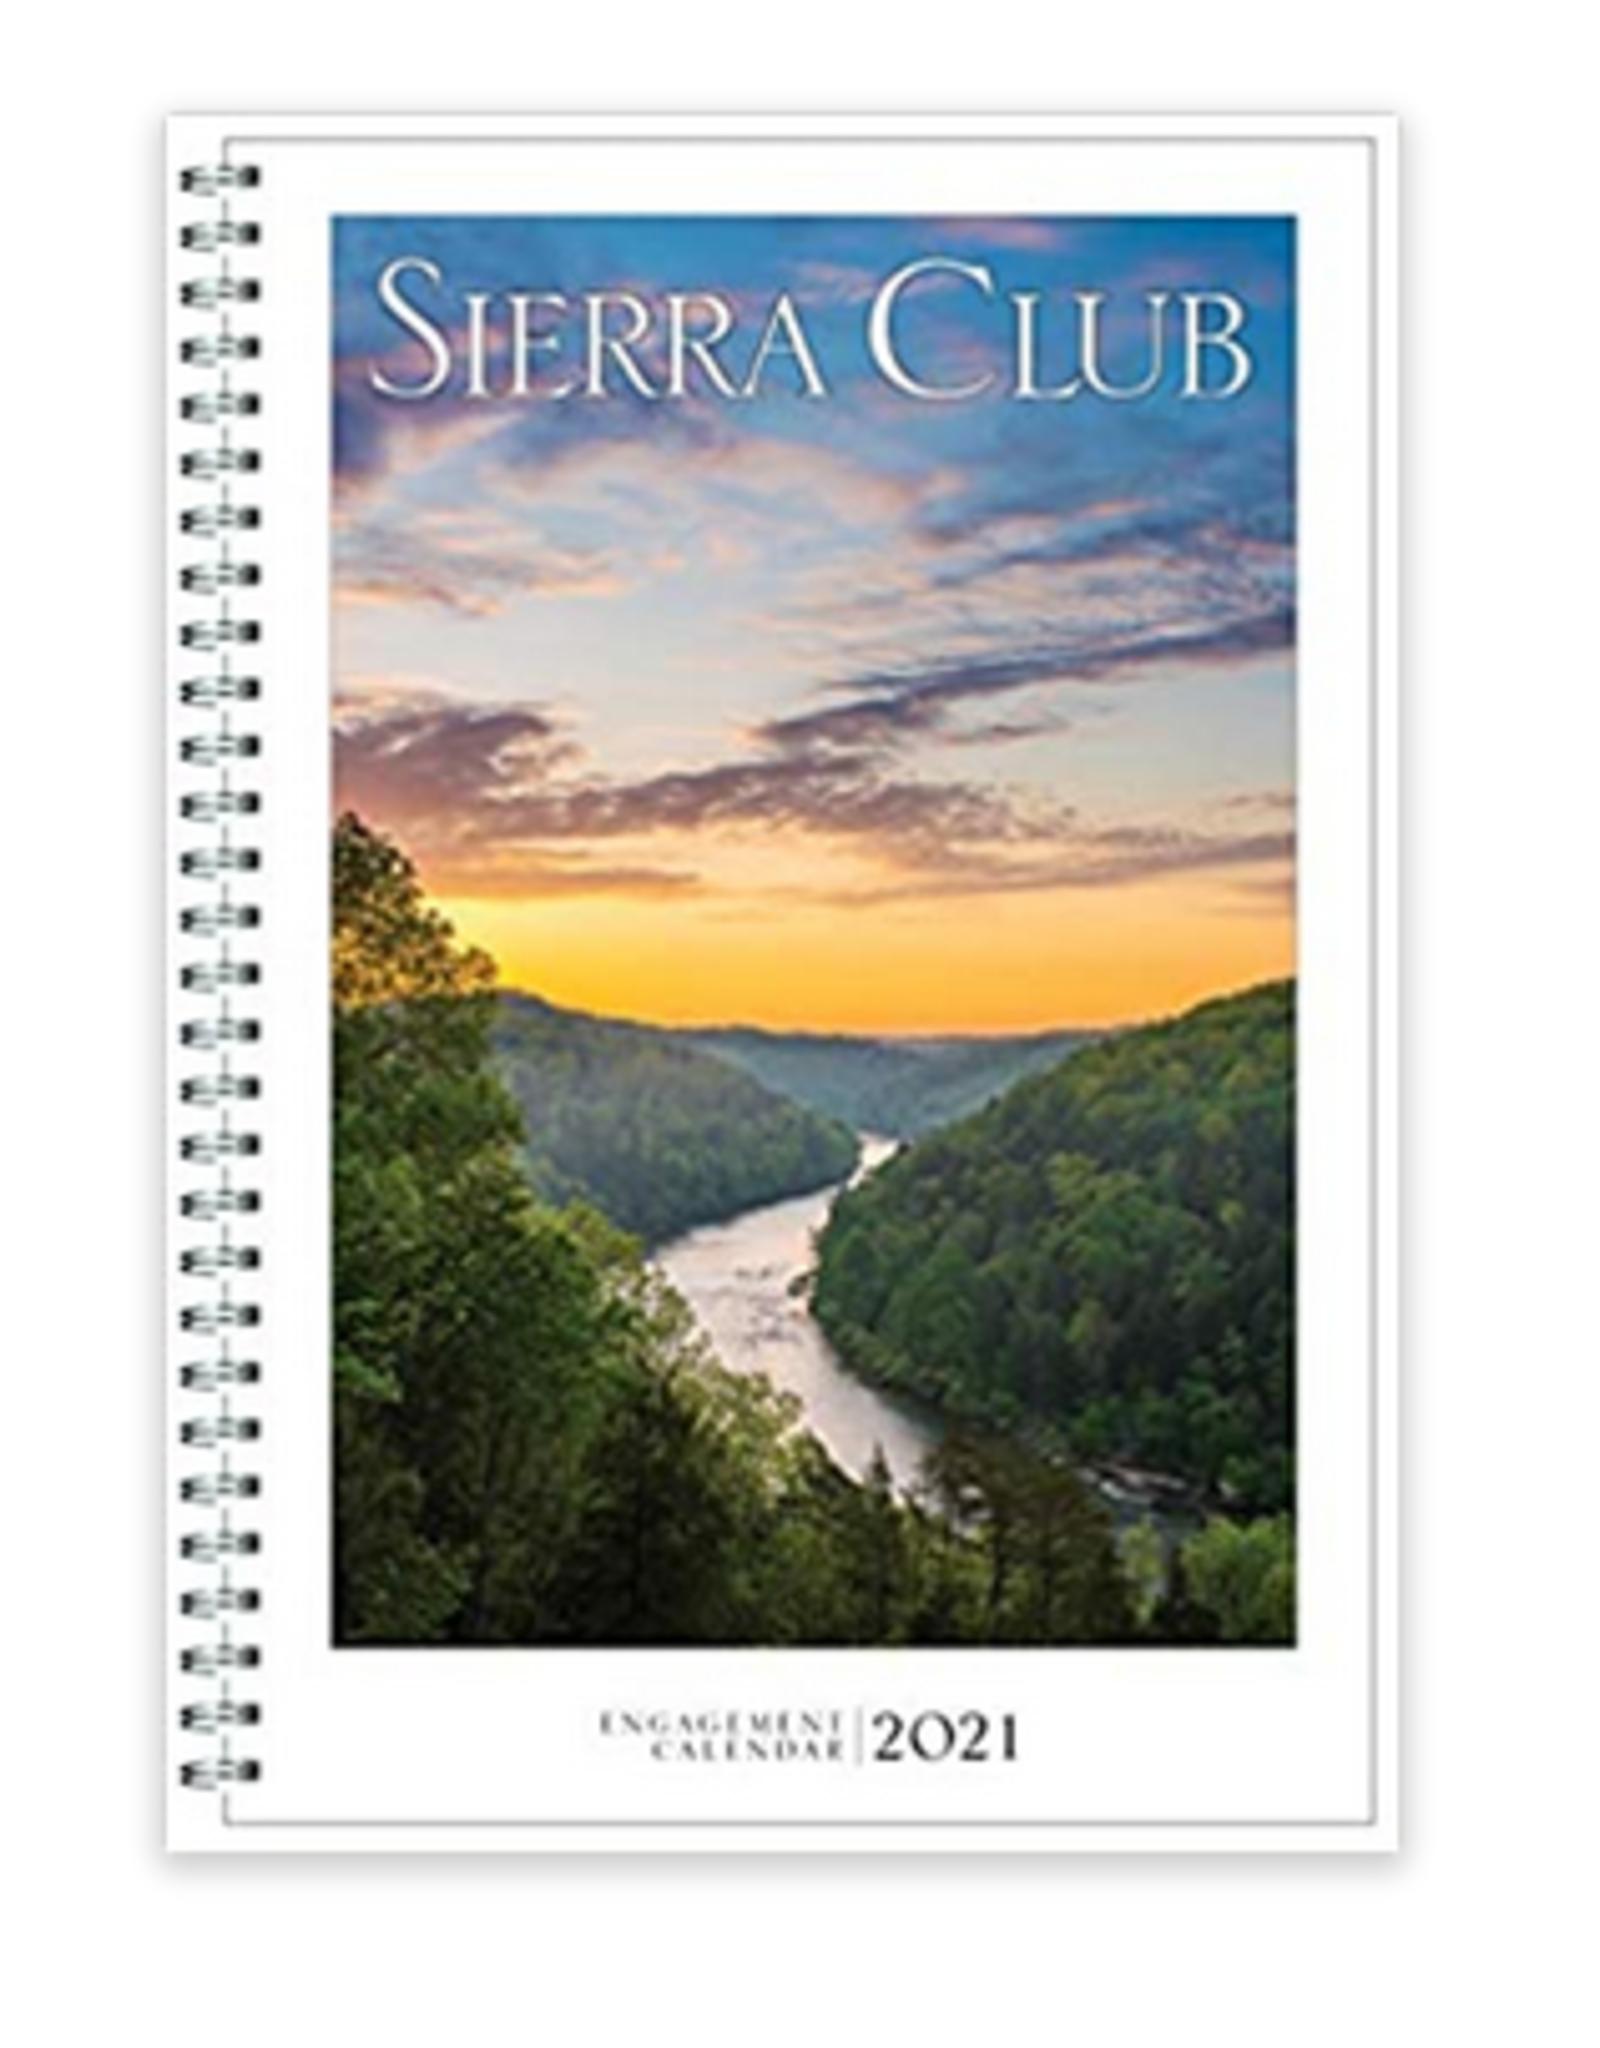 Sierra Club 2021 Agenda